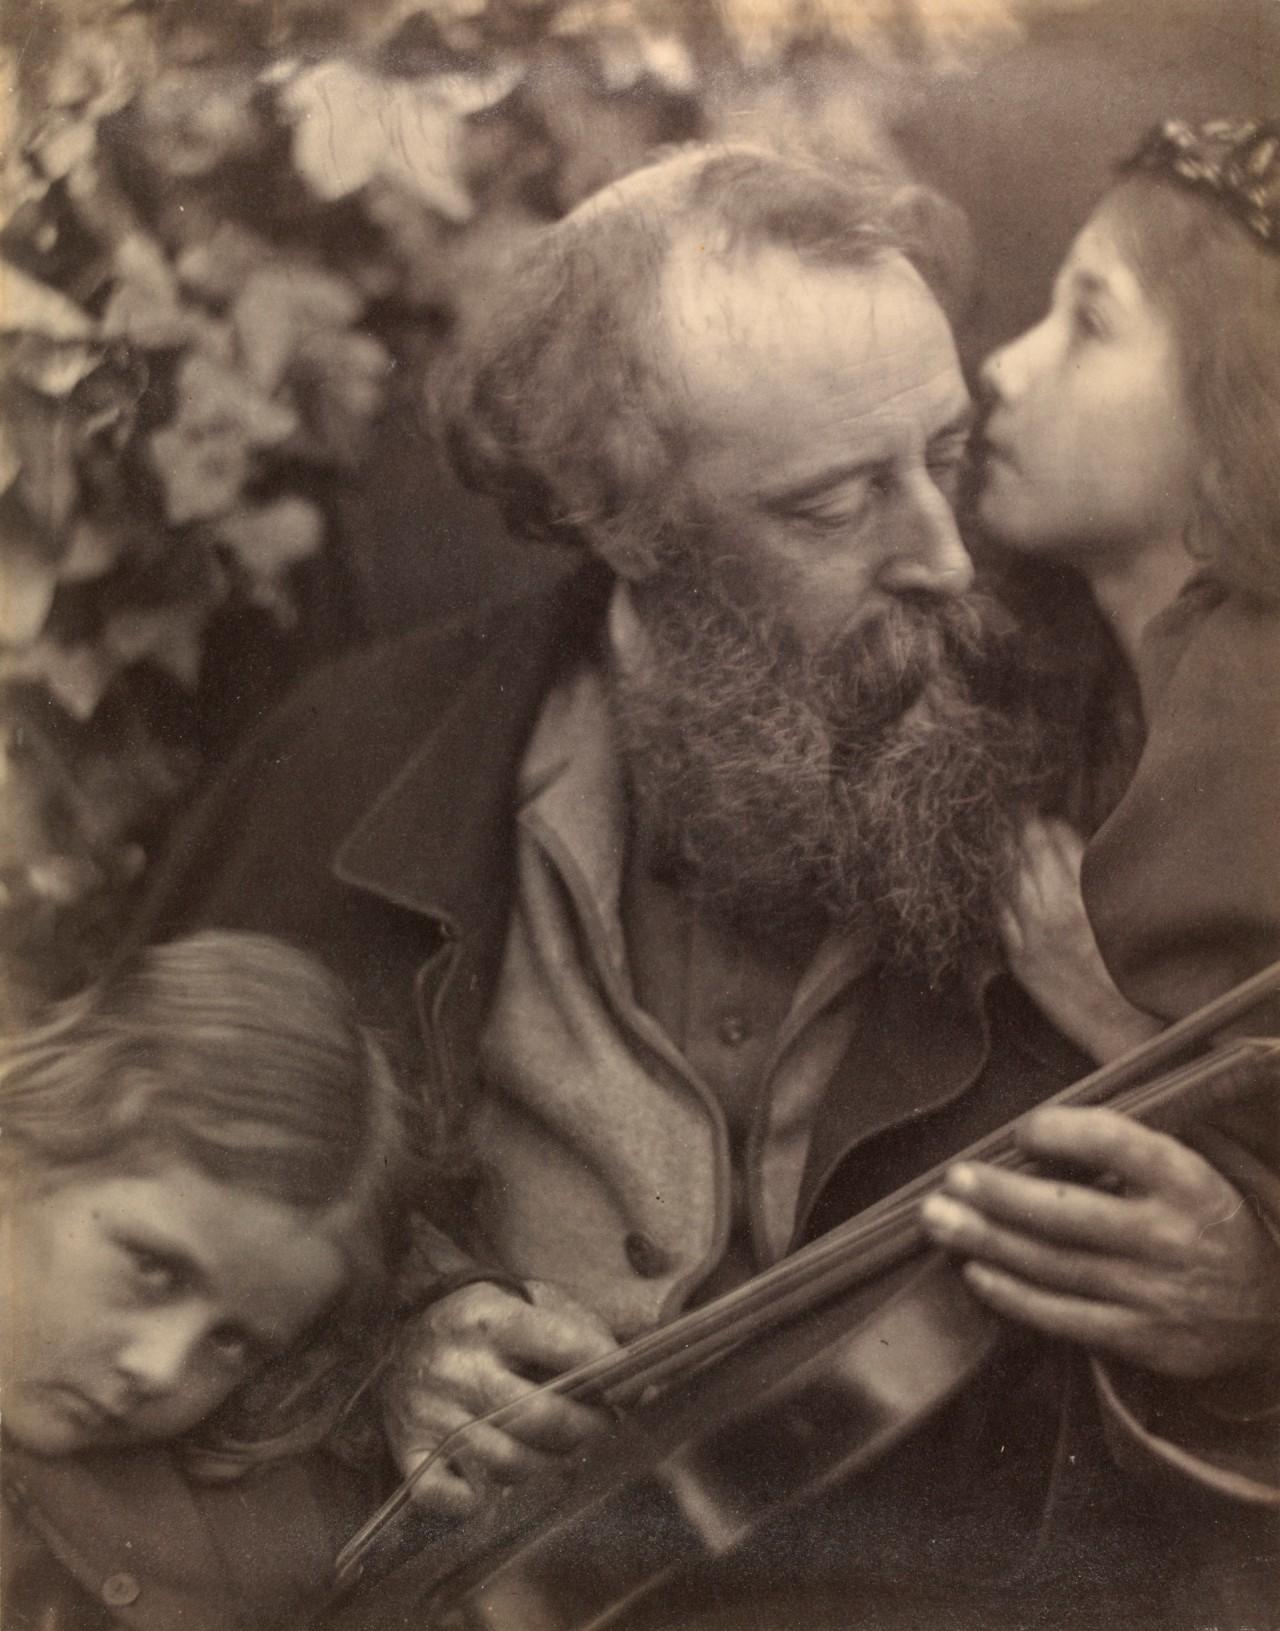 более работы фотографов викторианской эпохи результата удалось